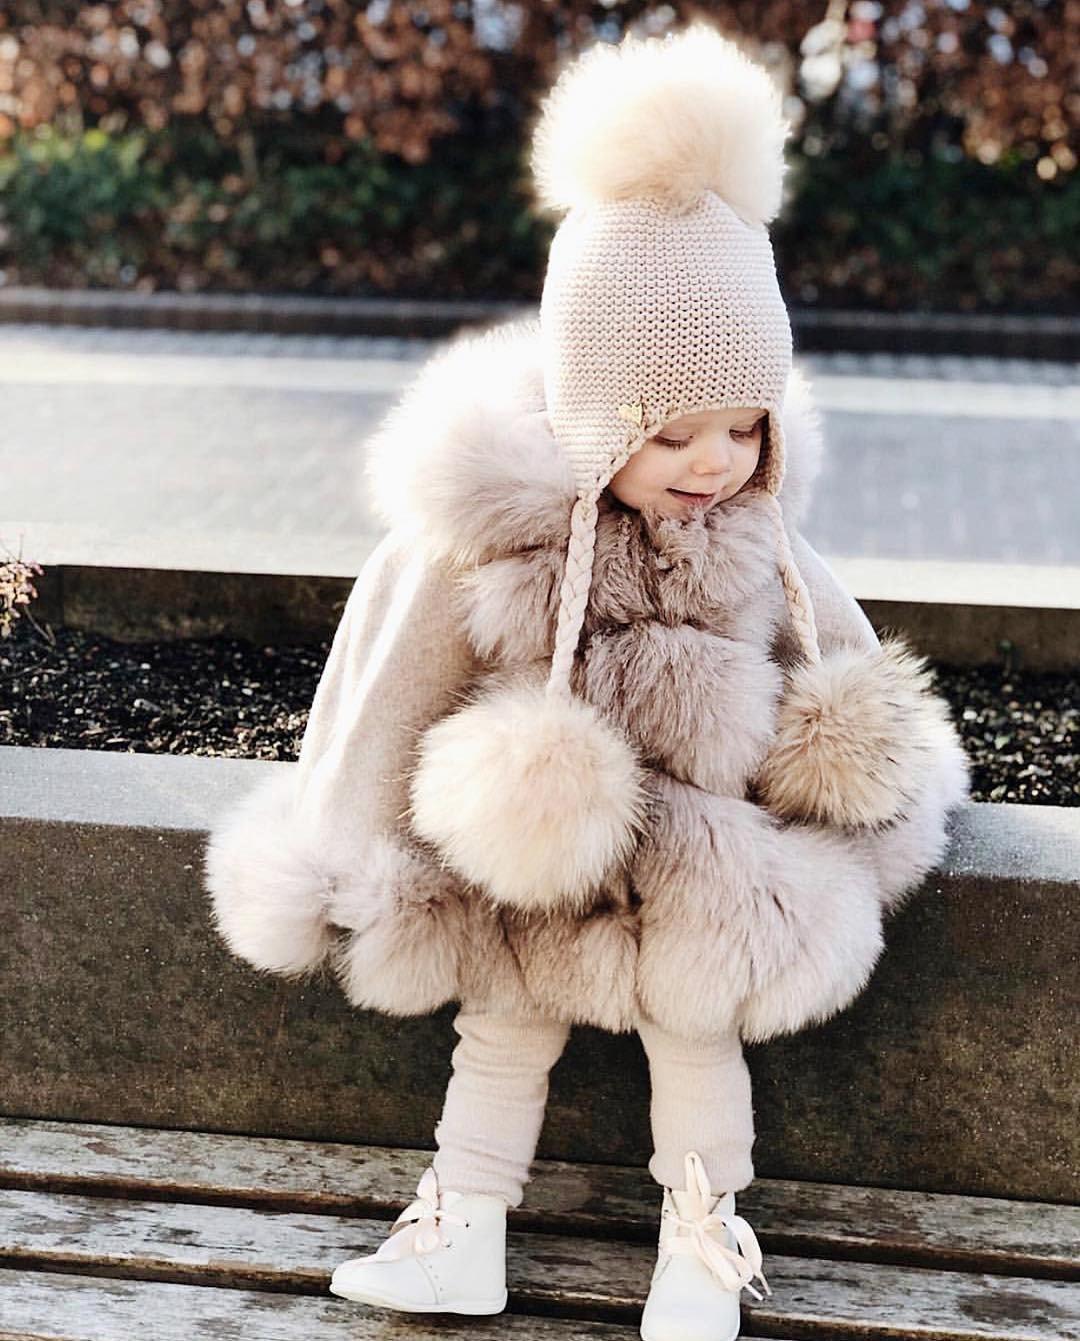 Nourrisson bébé princesse manteau mode hiver chaud fourrure à capuchon Cape enfants veste poncho Vêtements enfants Filles Vêtements Mignon